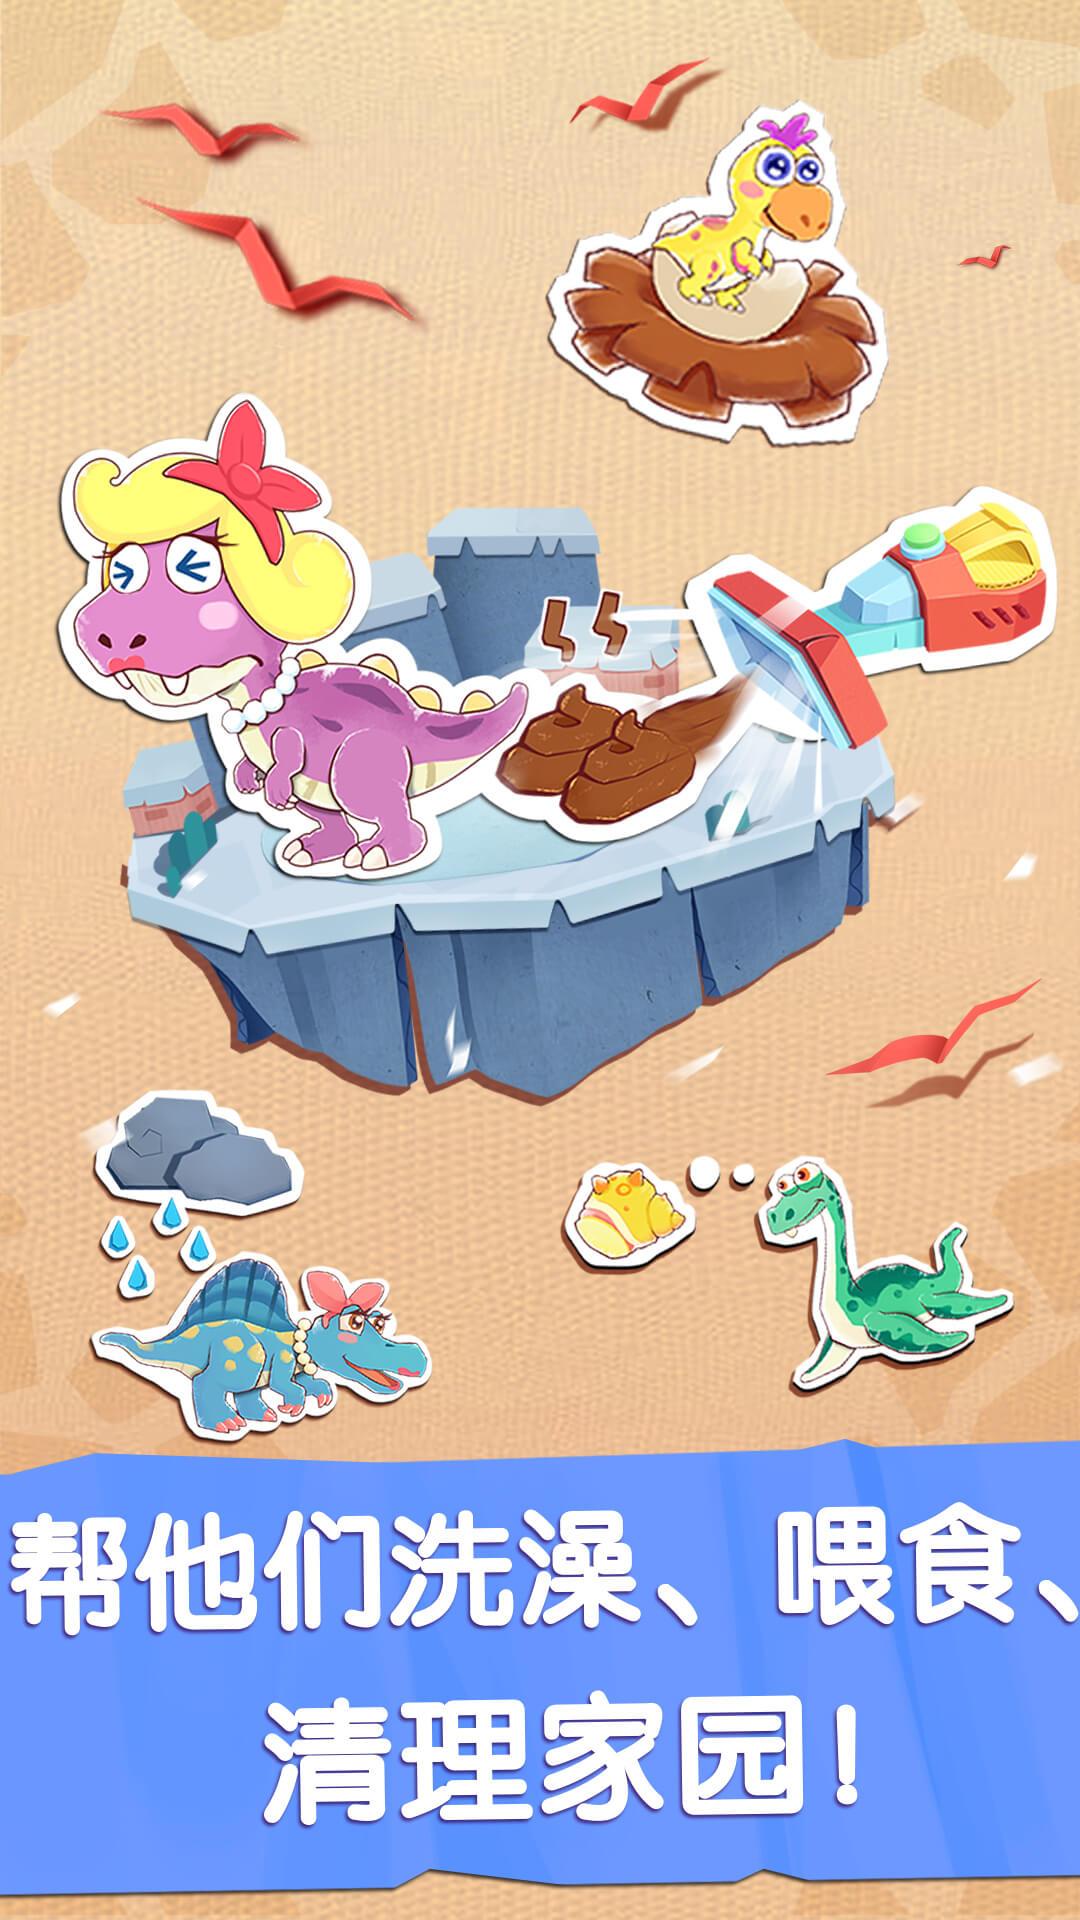 奇妙恐龙世界-应用截图